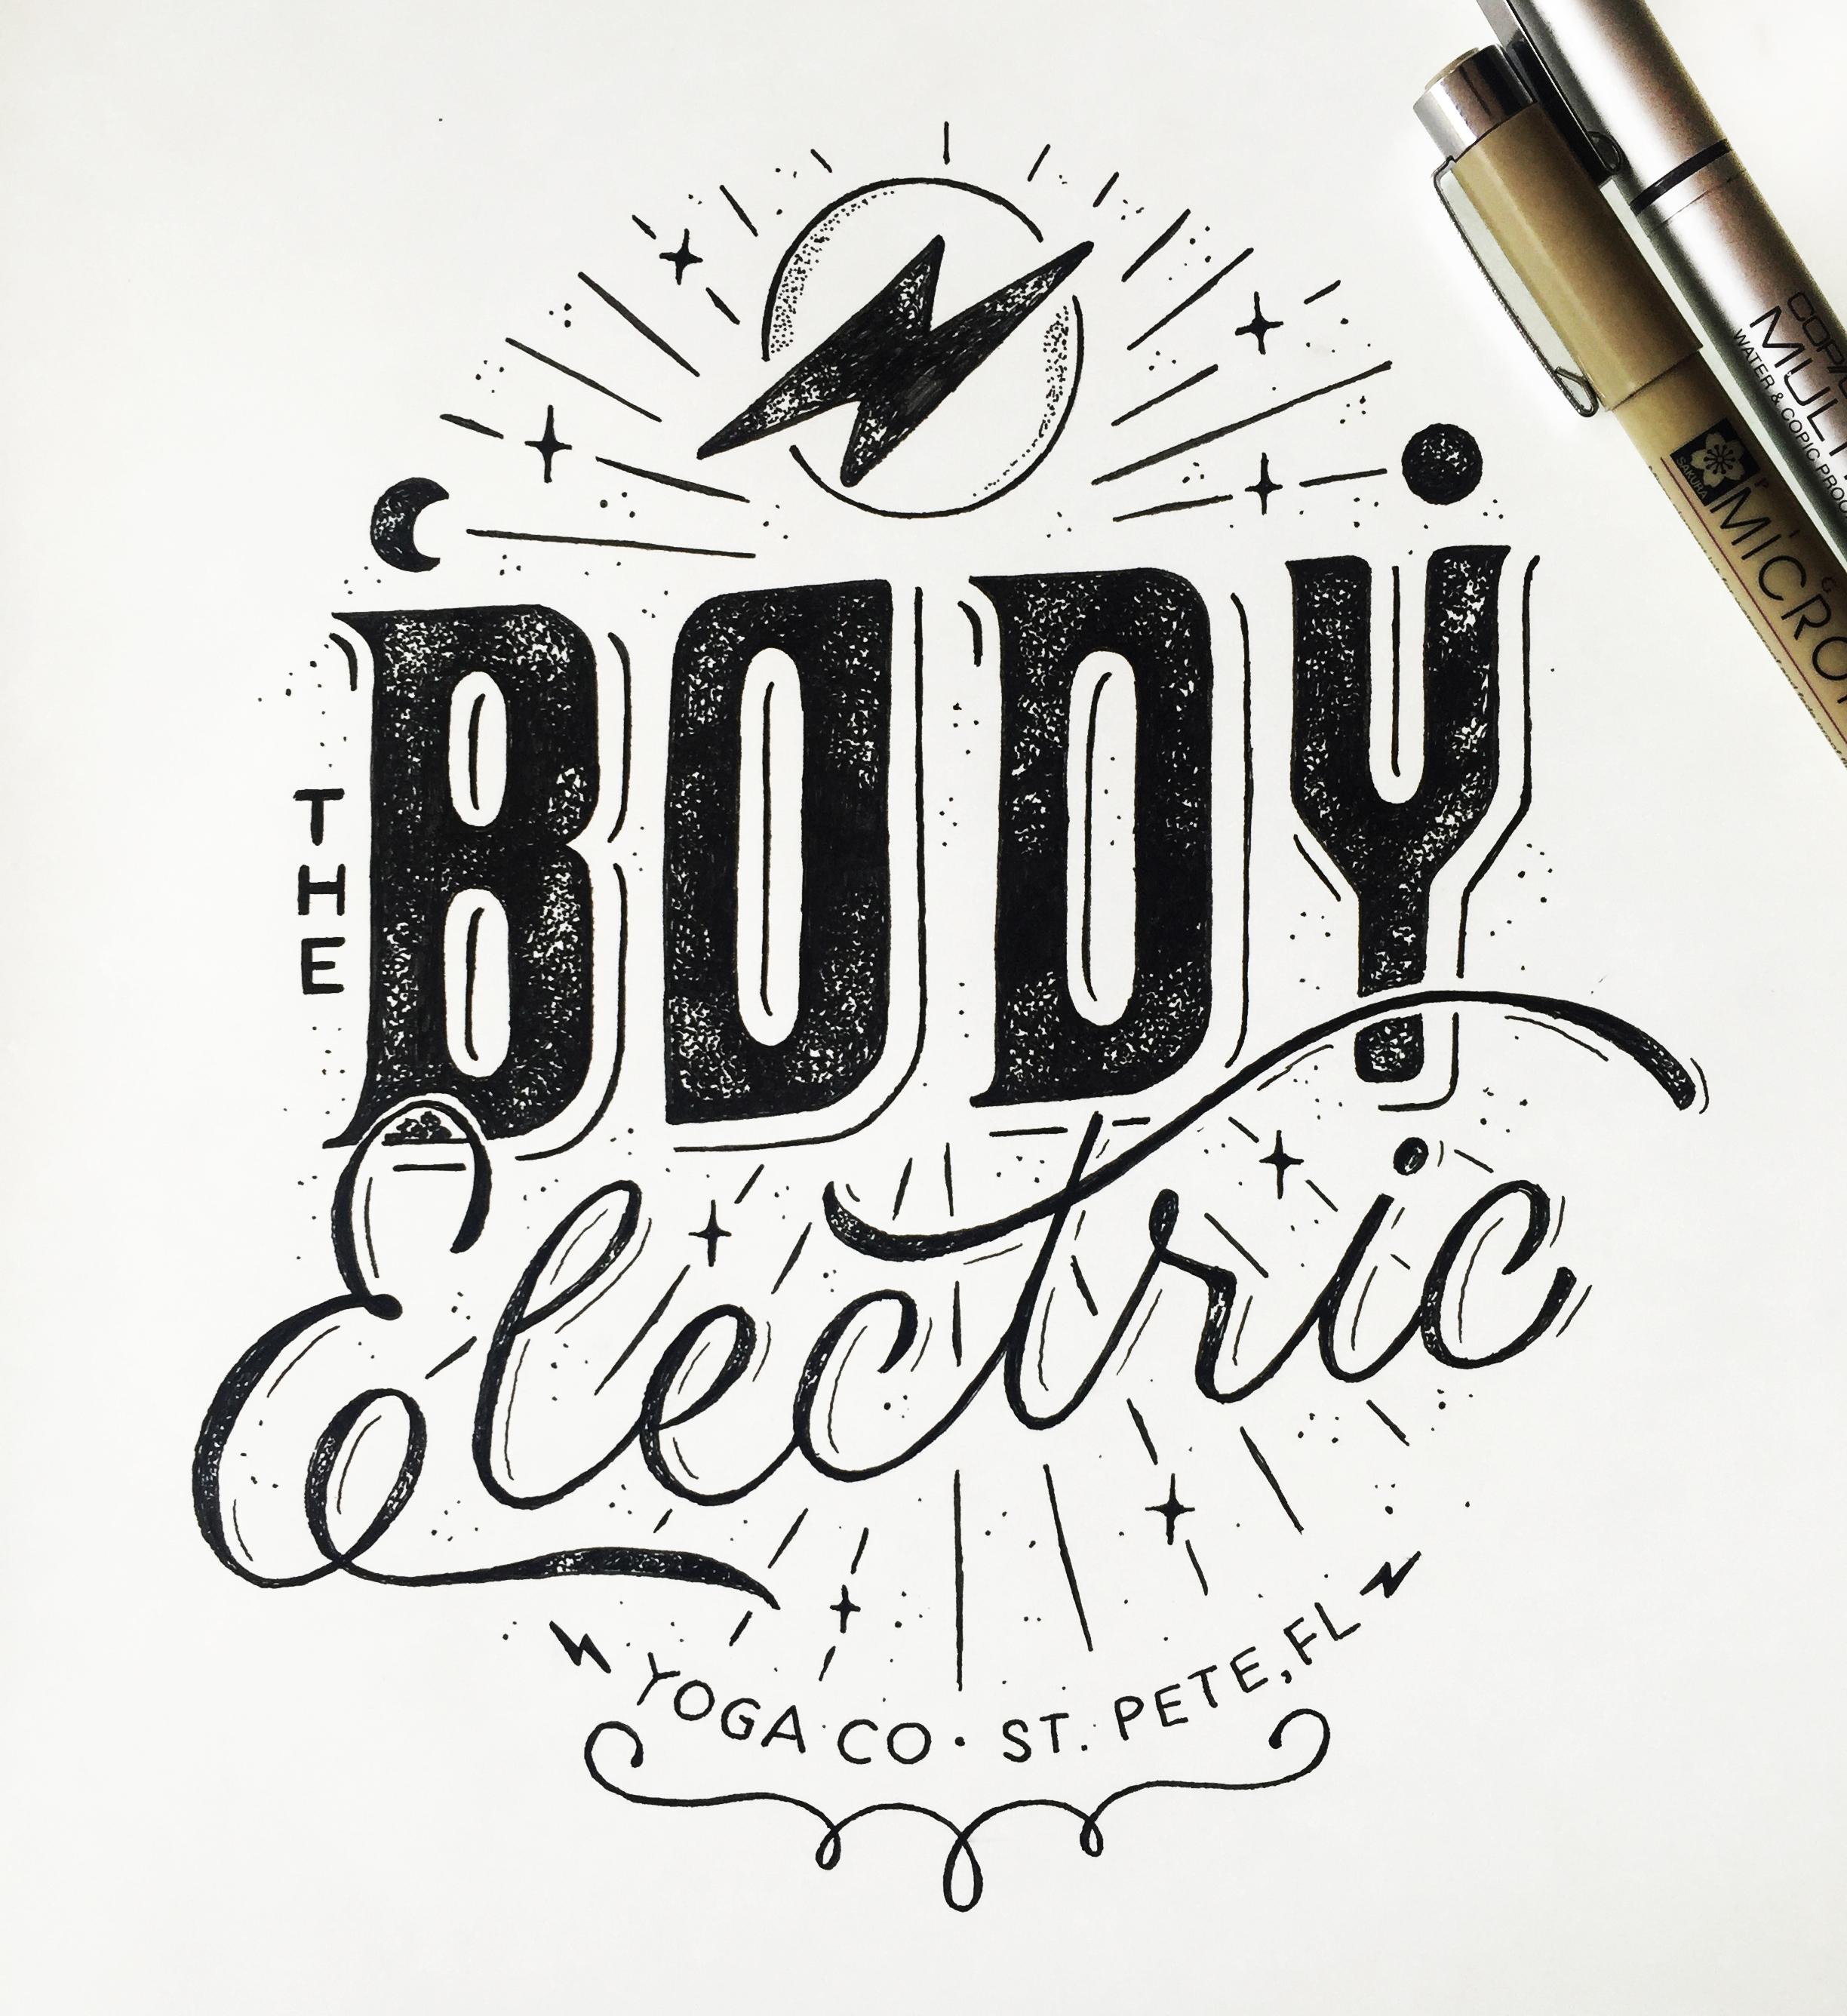 Leo-gomez-the-body-electric-07